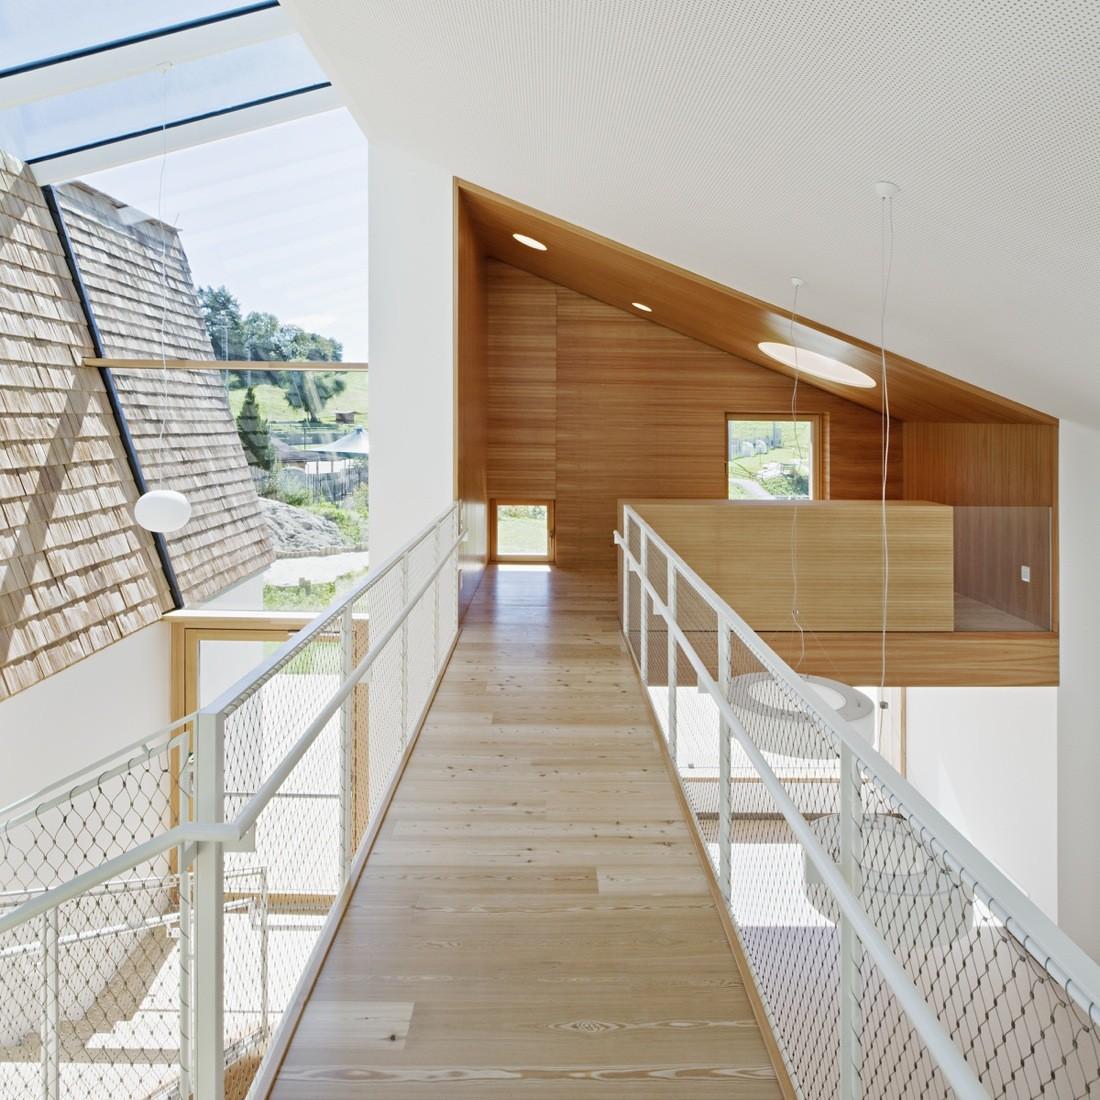 Gallery of kindergarten terenten feld72 8 for Interior motives accents and designs